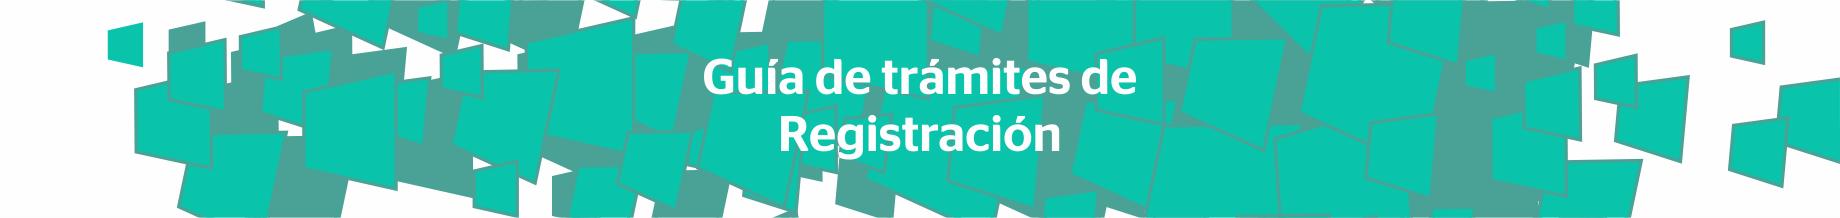 Guía de Trámites de Registración